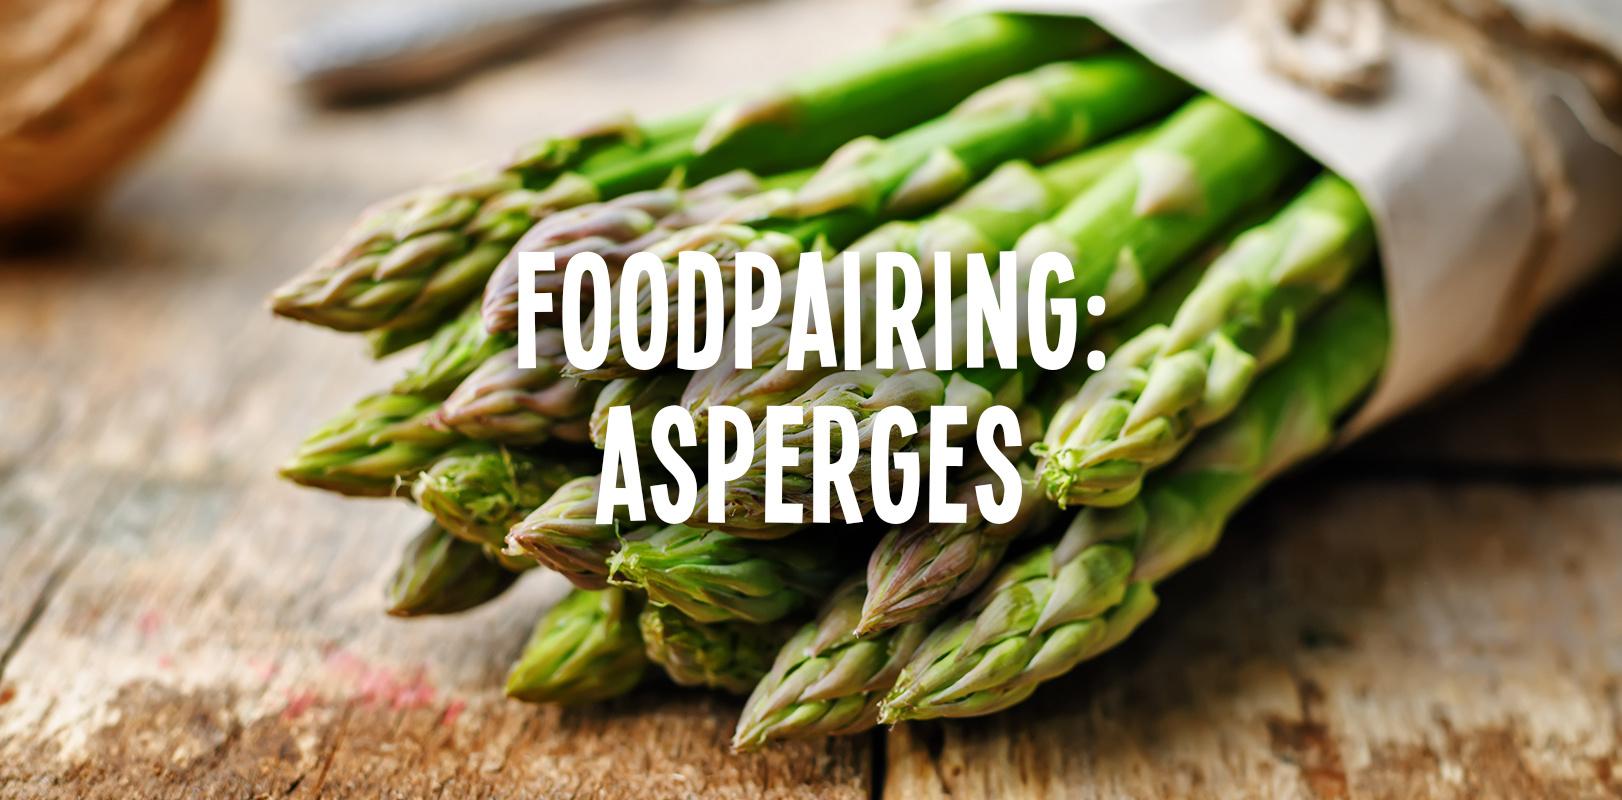 Foodpairing: Asperges